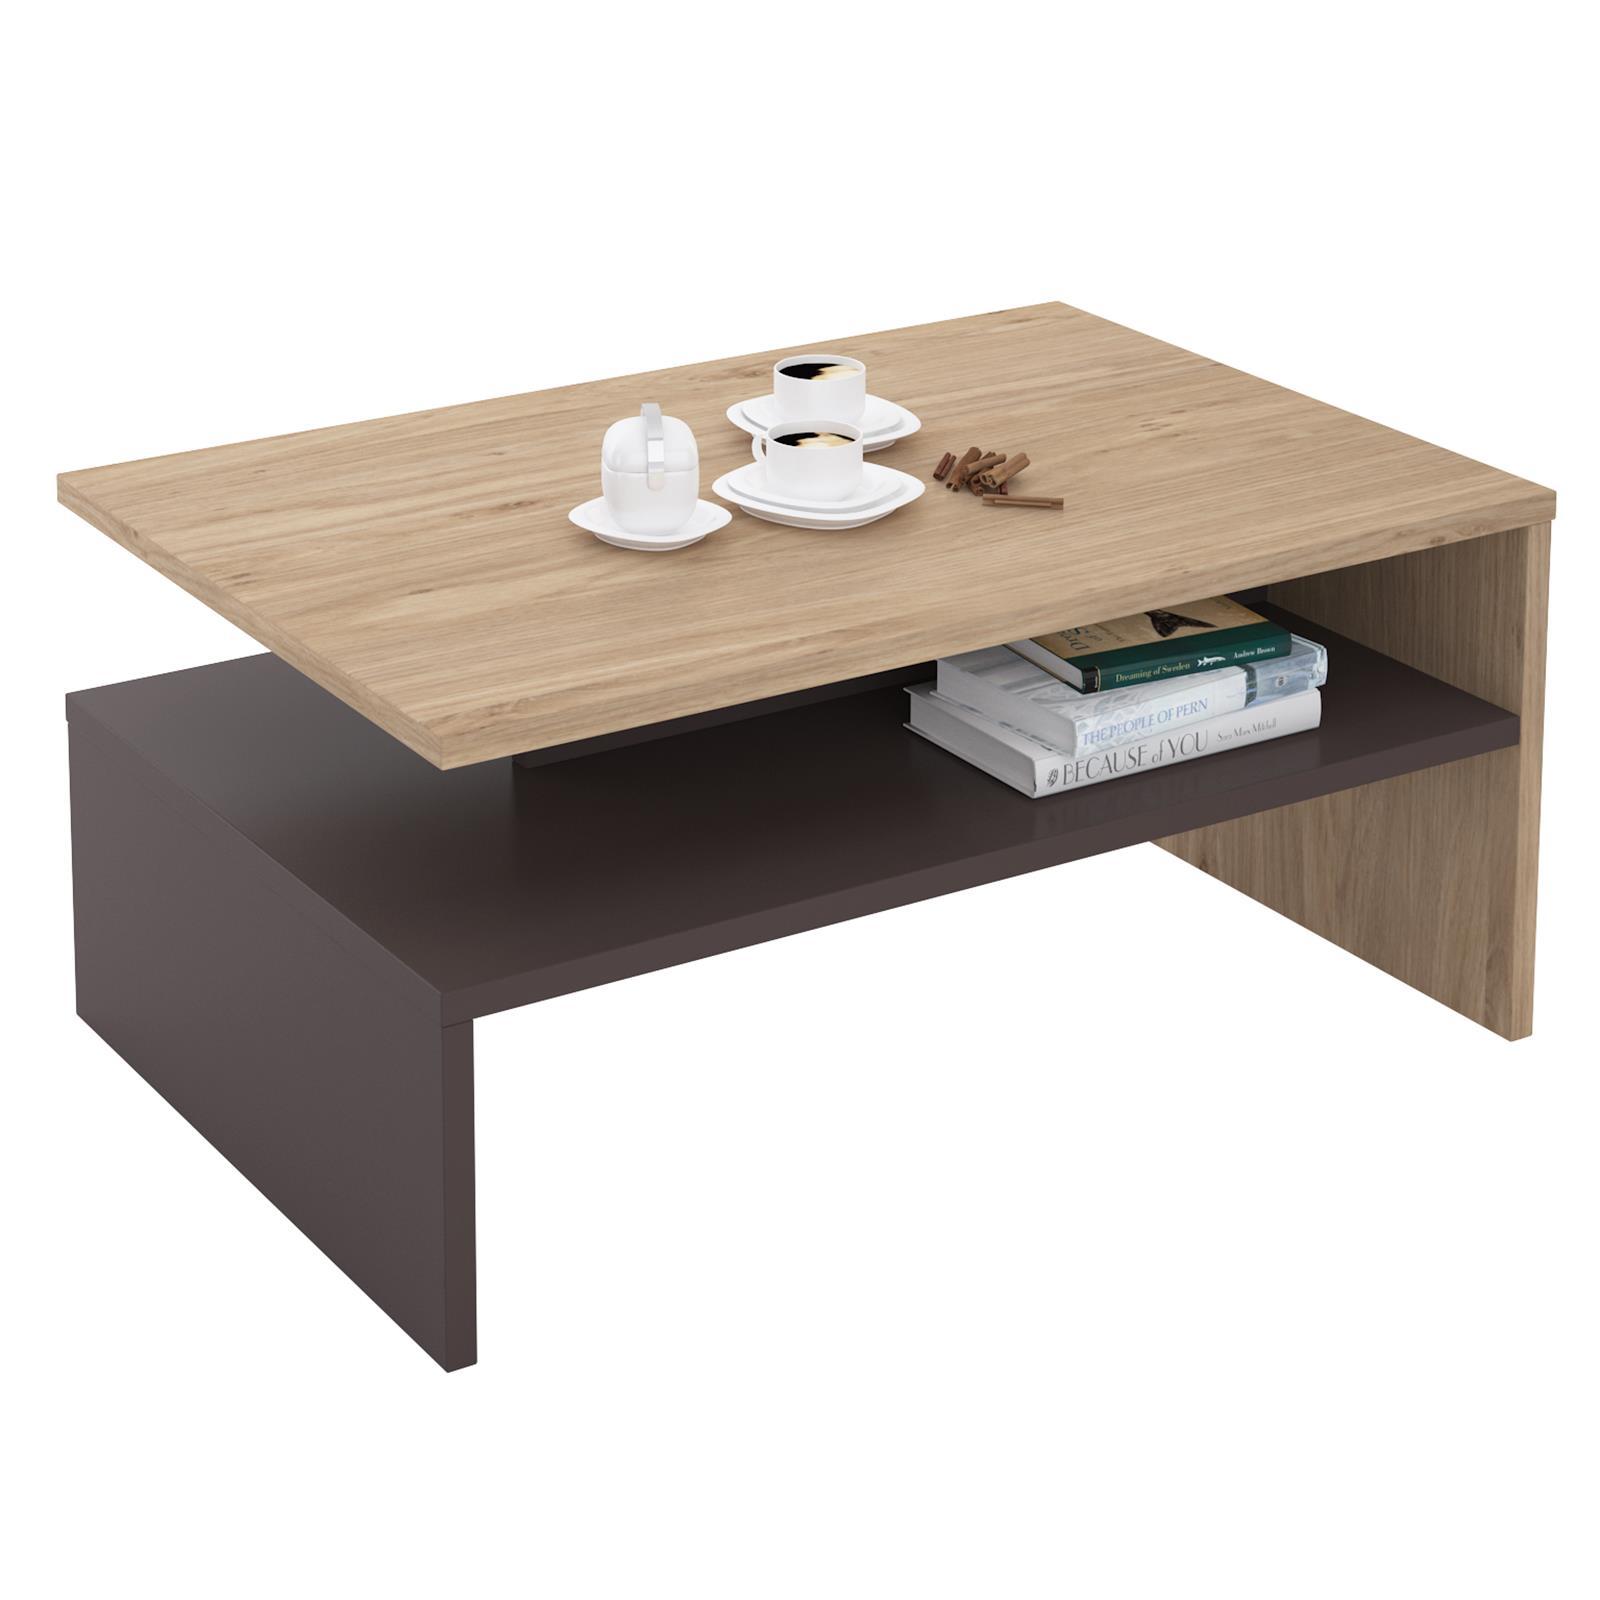 wohnzimmer couchtisch sofatisch beistelltisch mit ablage viele farben 90 cm ebay. Black Bedroom Furniture Sets. Home Design Ideas